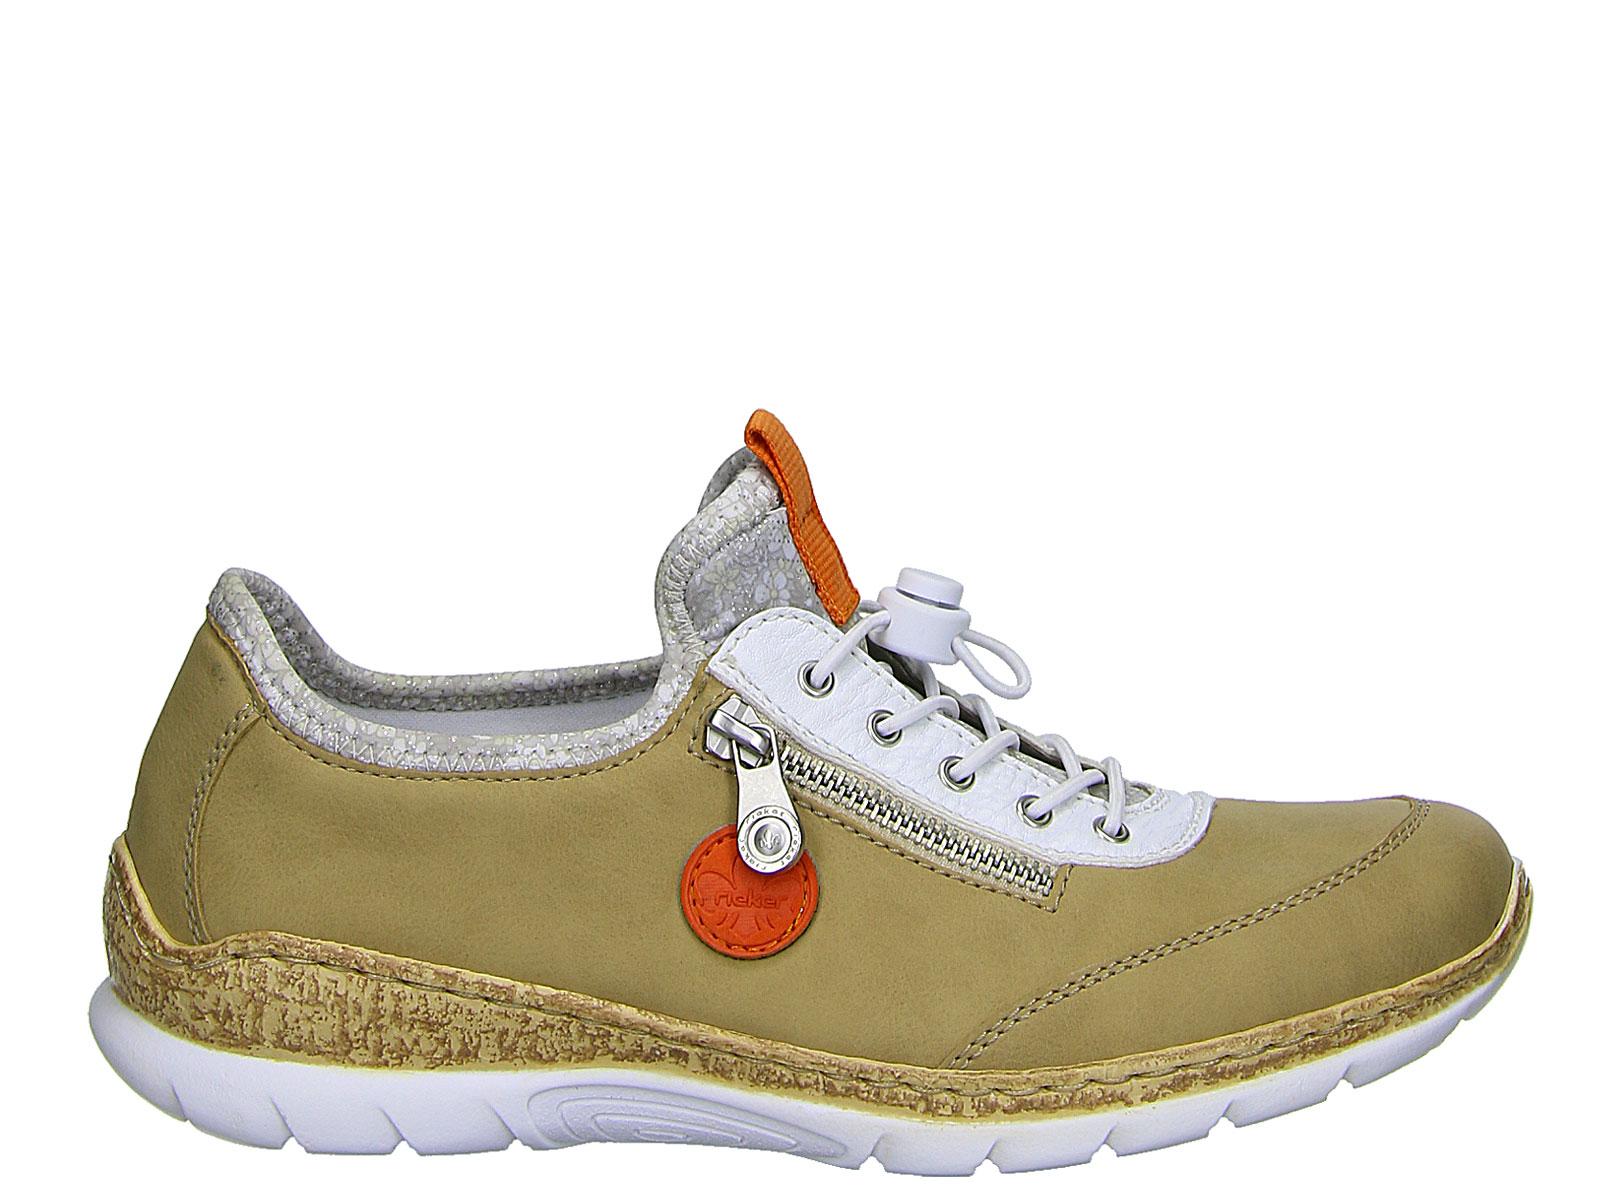 Schuhe Damen Sommer 2021